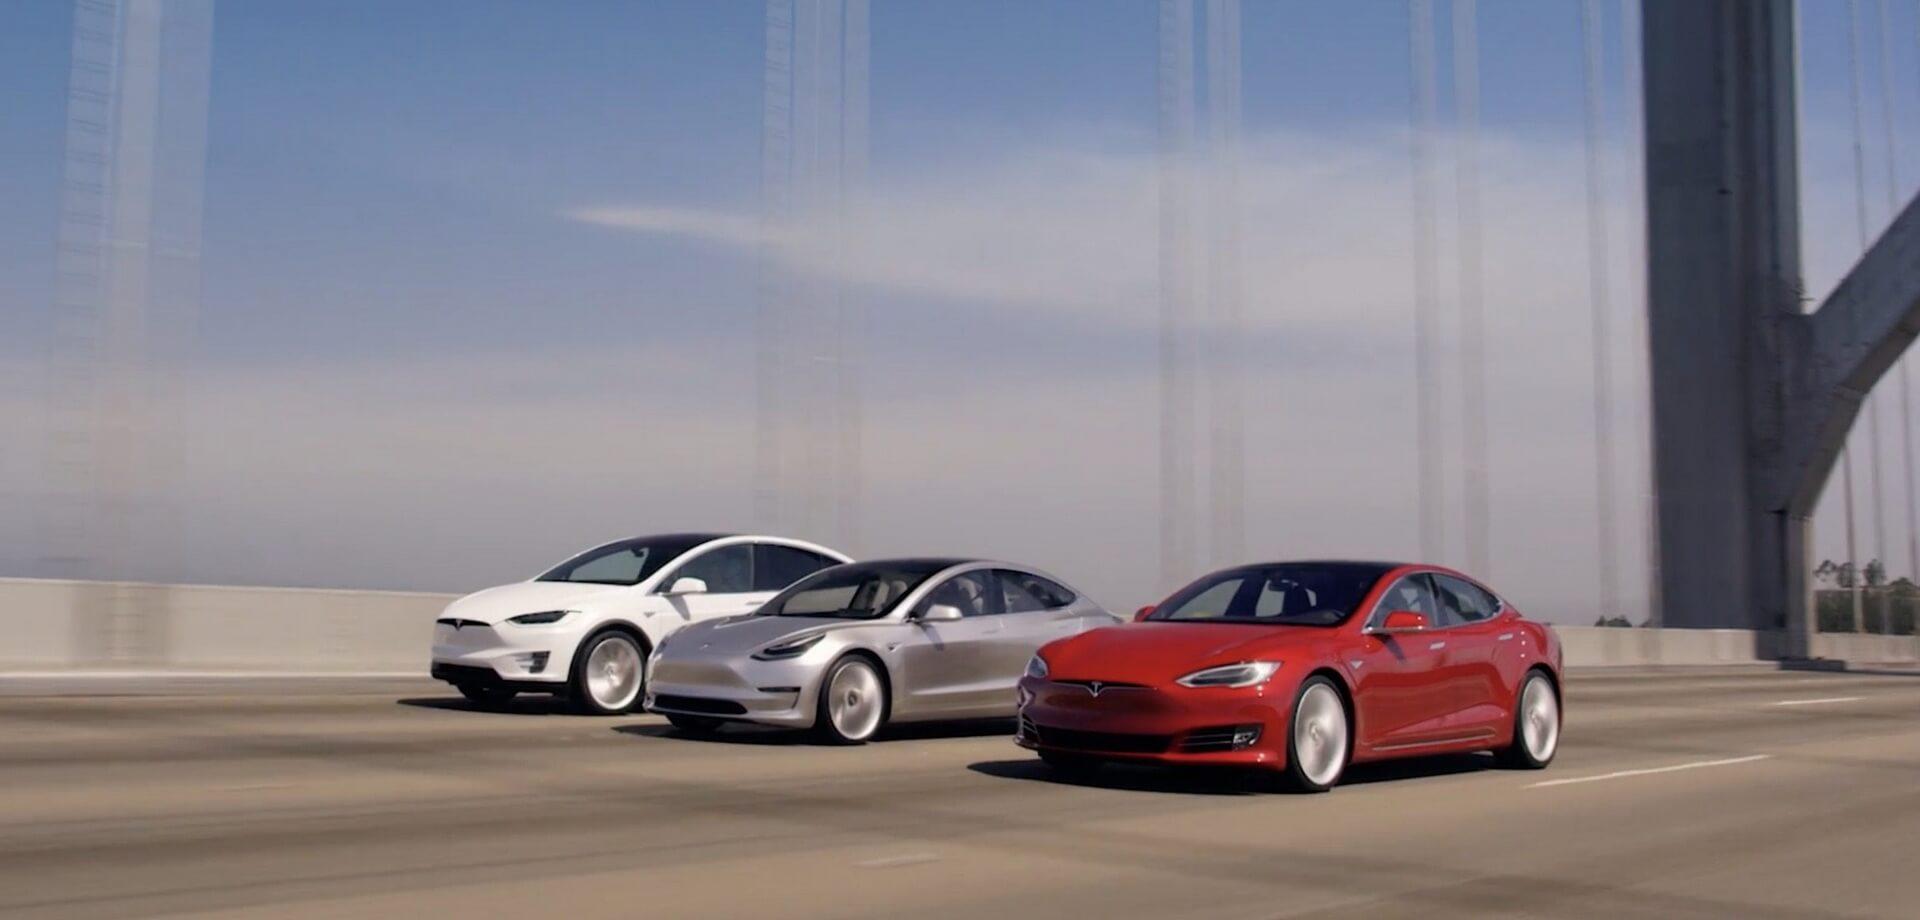 Конец нефтяной эры. Приходит эра электромобилей Tesla